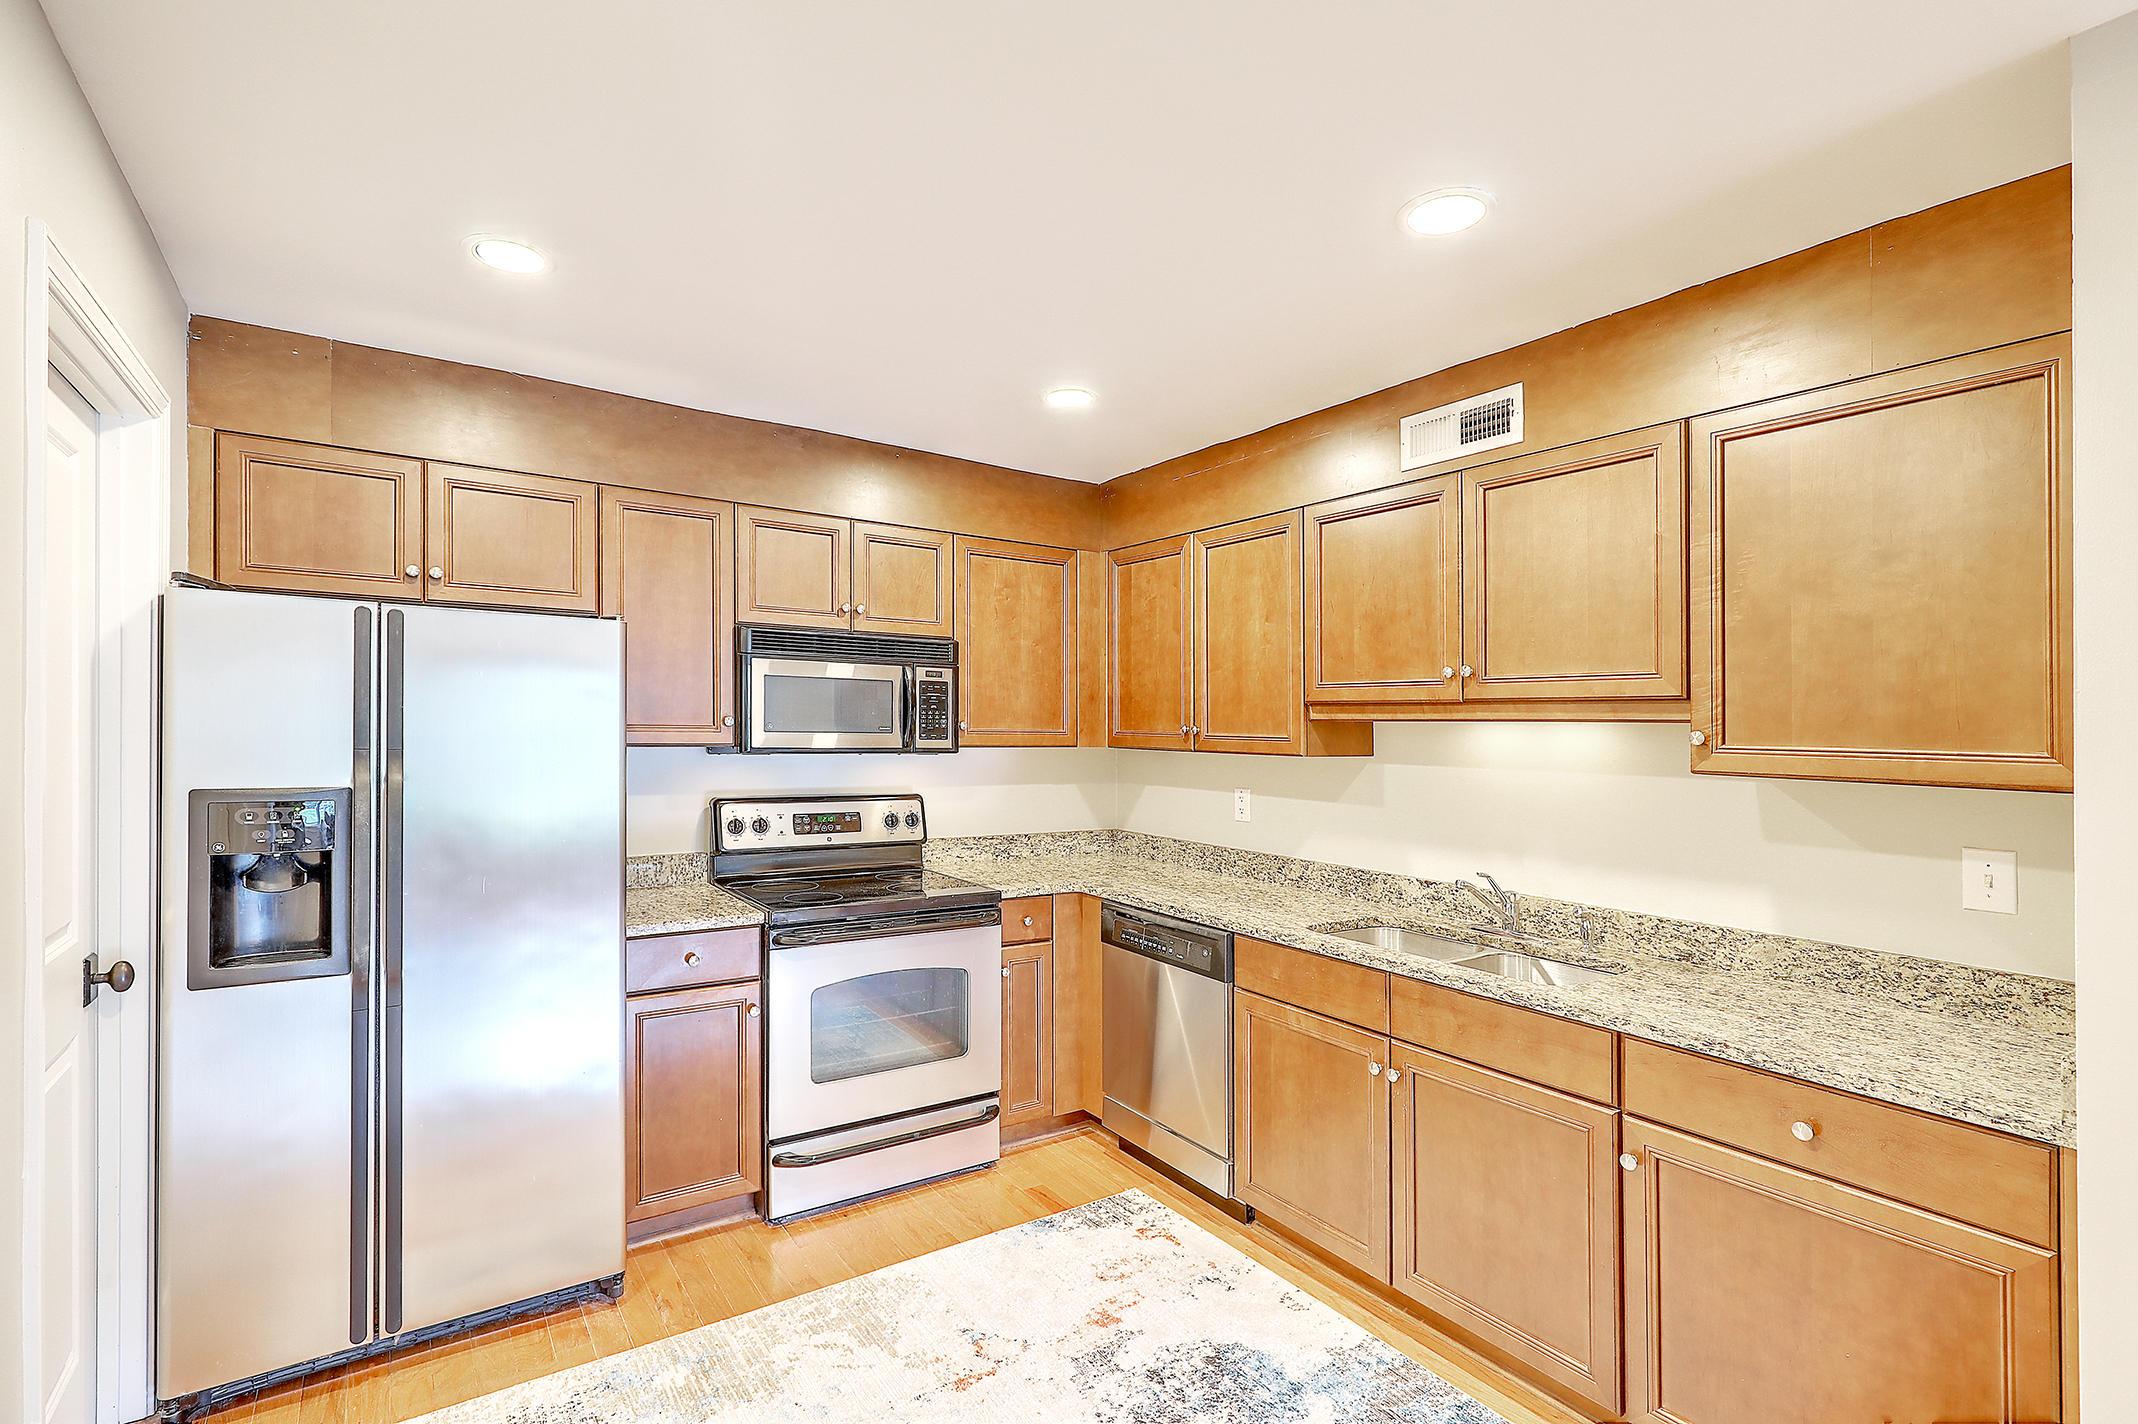 Village Oaks of Mt Pleasant Homes For Sale - 1240 Fairmont, Mount Pleasant, SC - 20